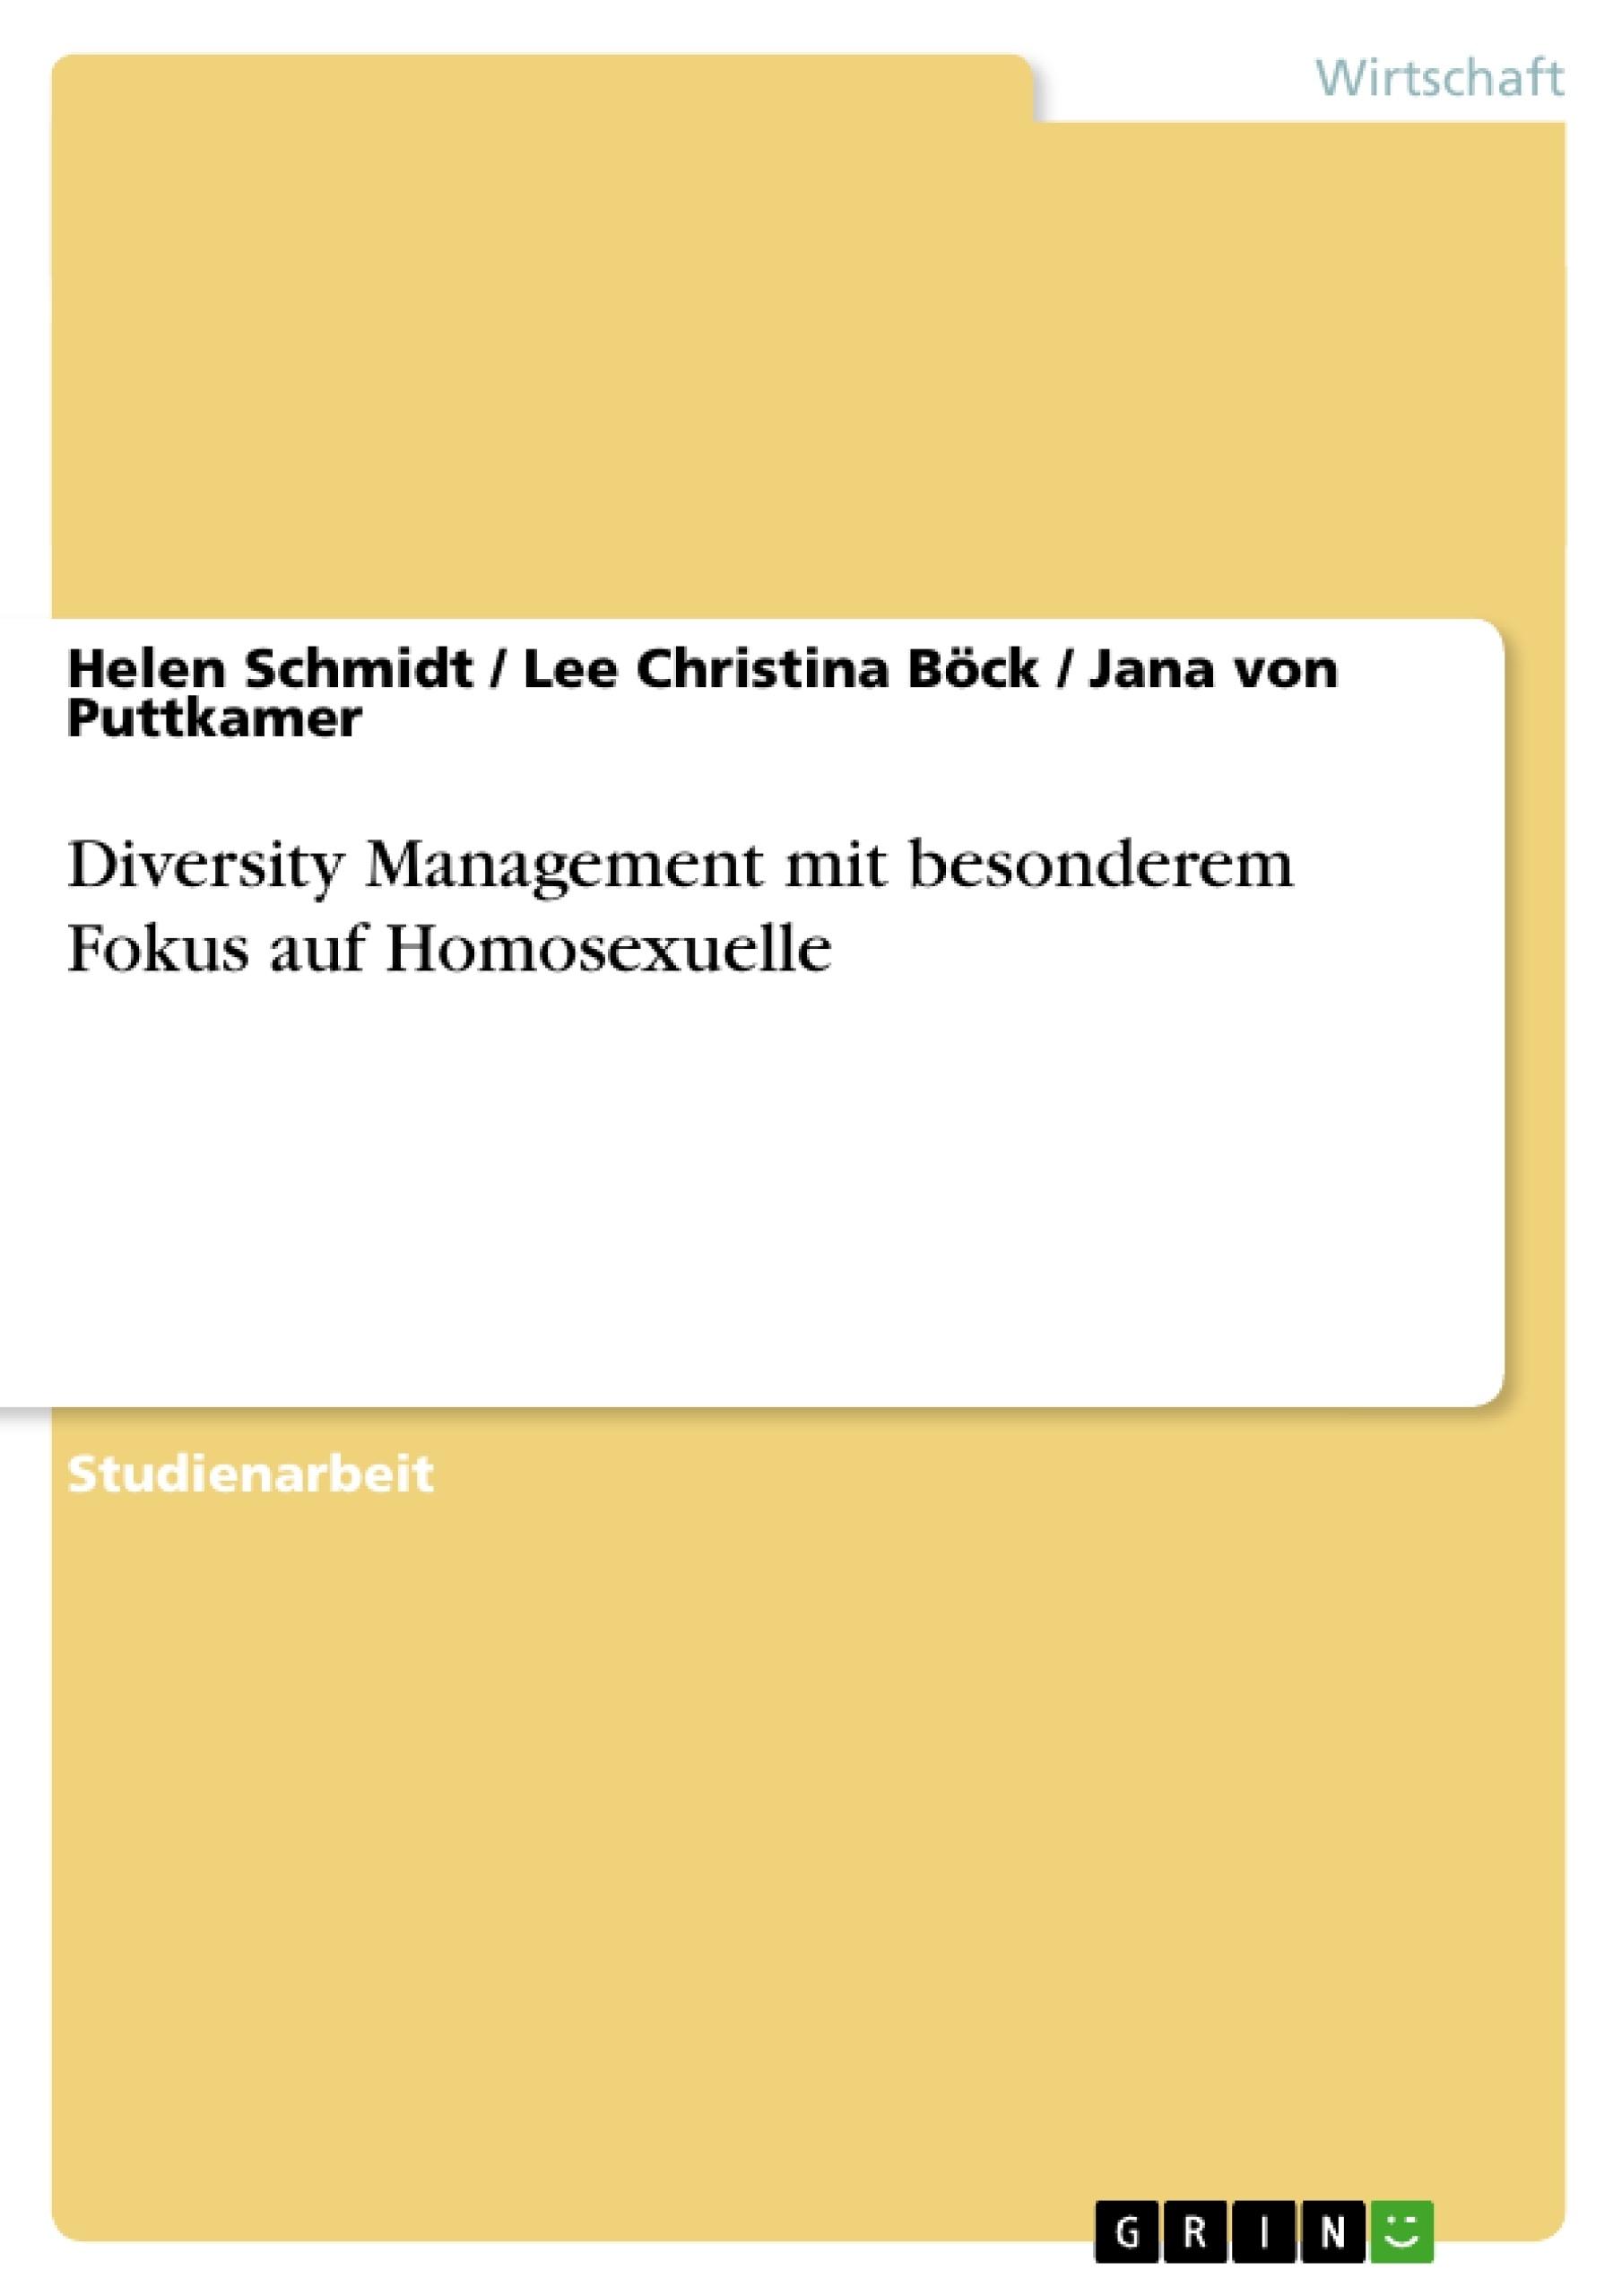 Titel: Diversity Management mit besonderem Fokus auf Homosexuelle